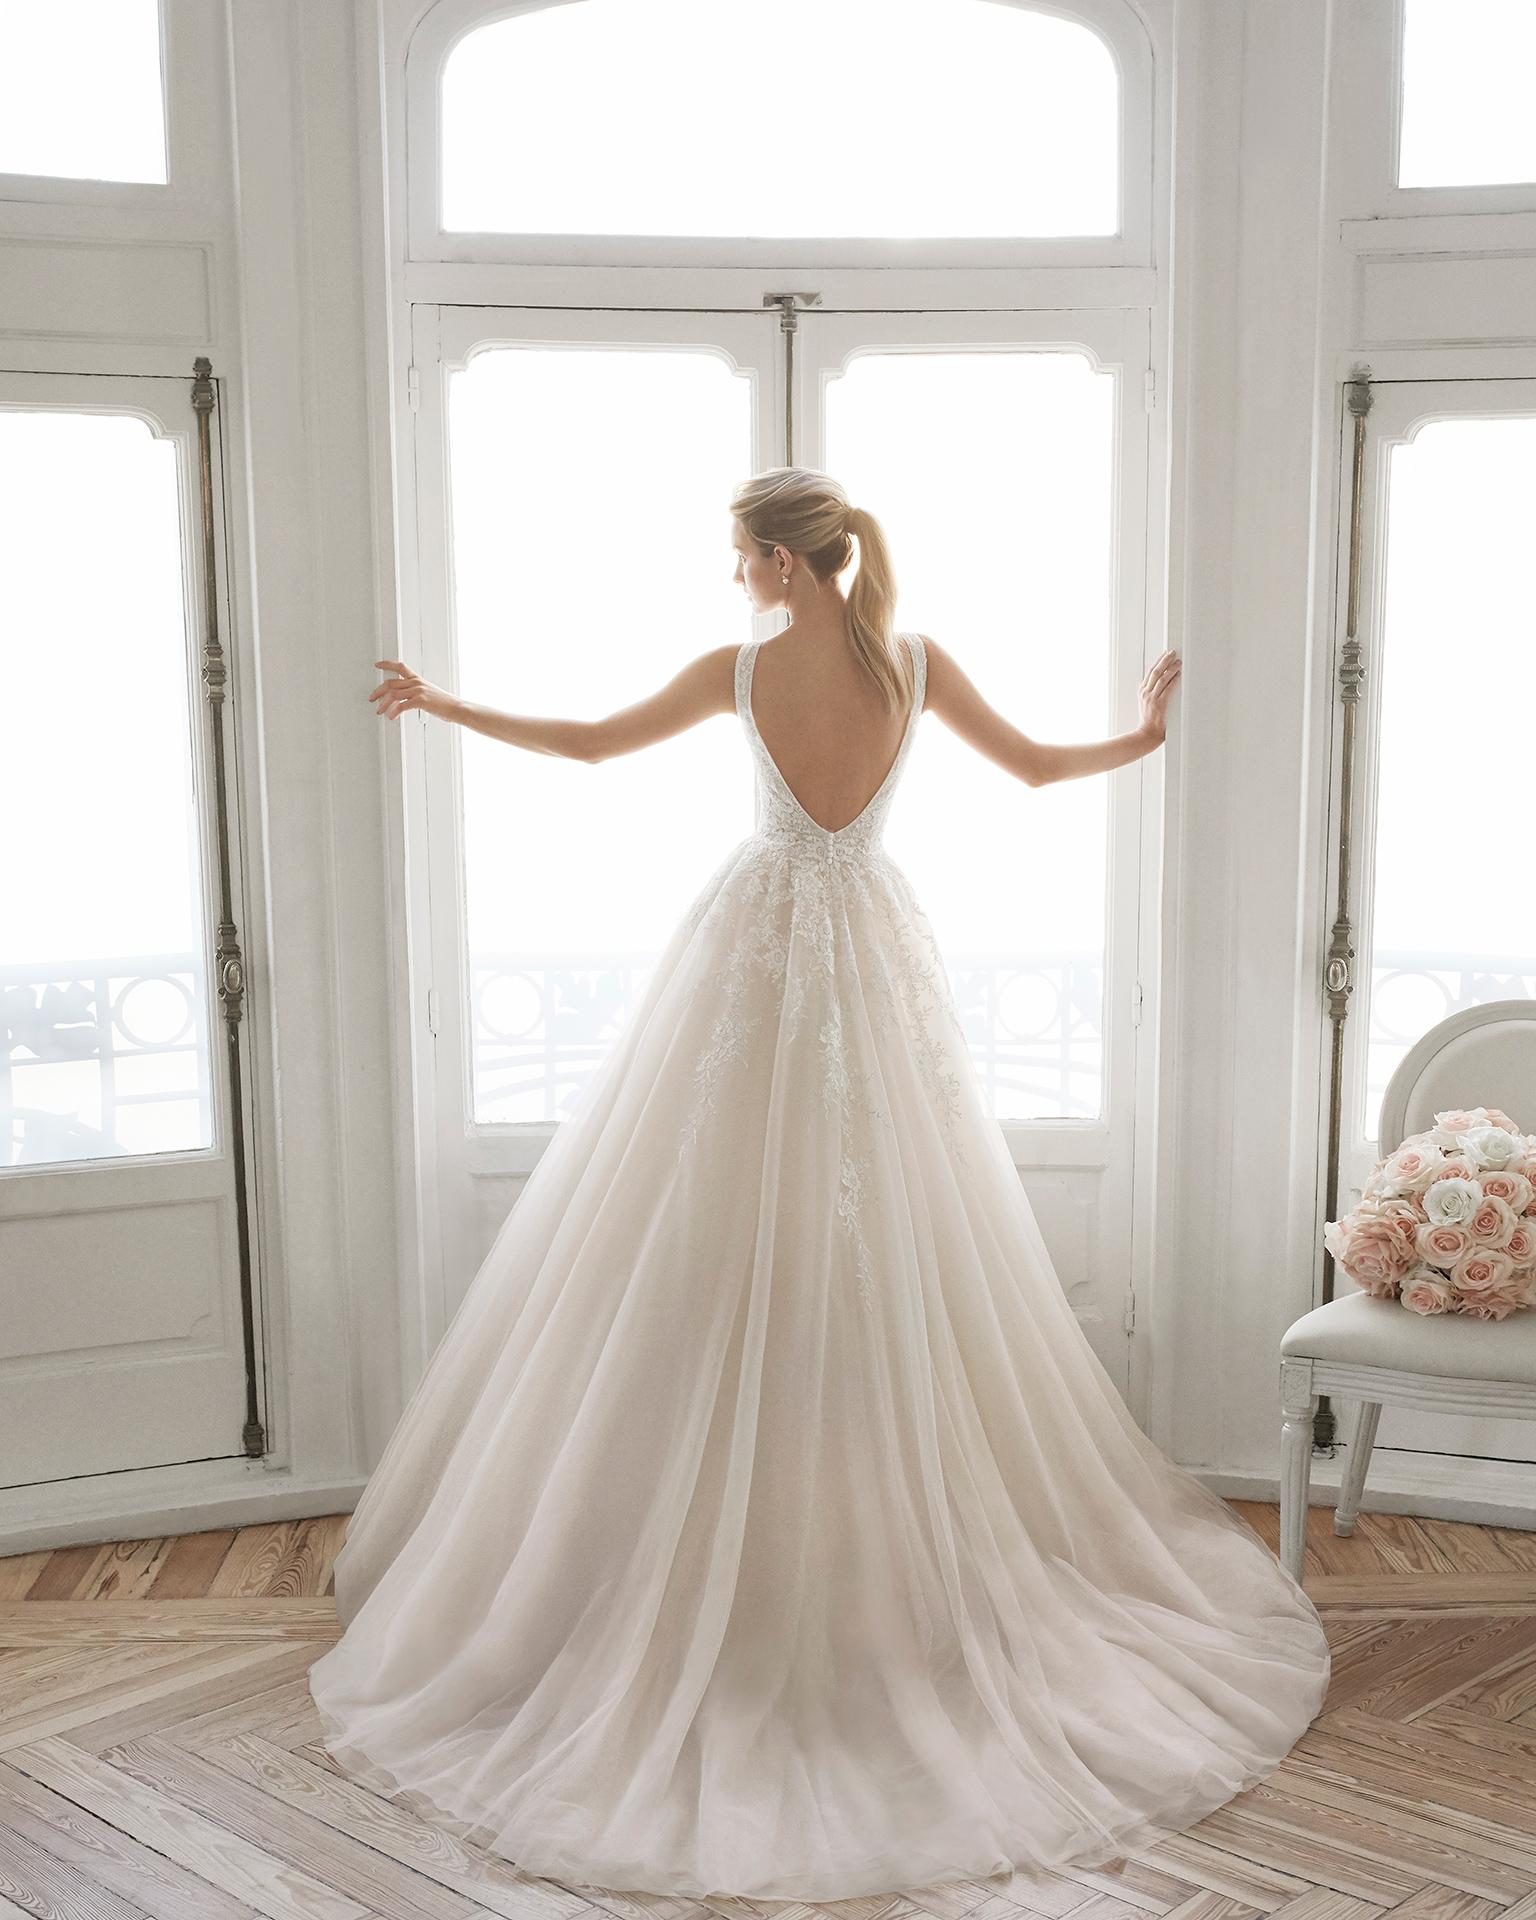 Vestido de noiva estilo romântico de renda e tule real. Decote deep-plunge e costas decotadas. Disponível em âmbar, azul-gelo e cor natural. Coleção AIRE BARCELONA 2019.